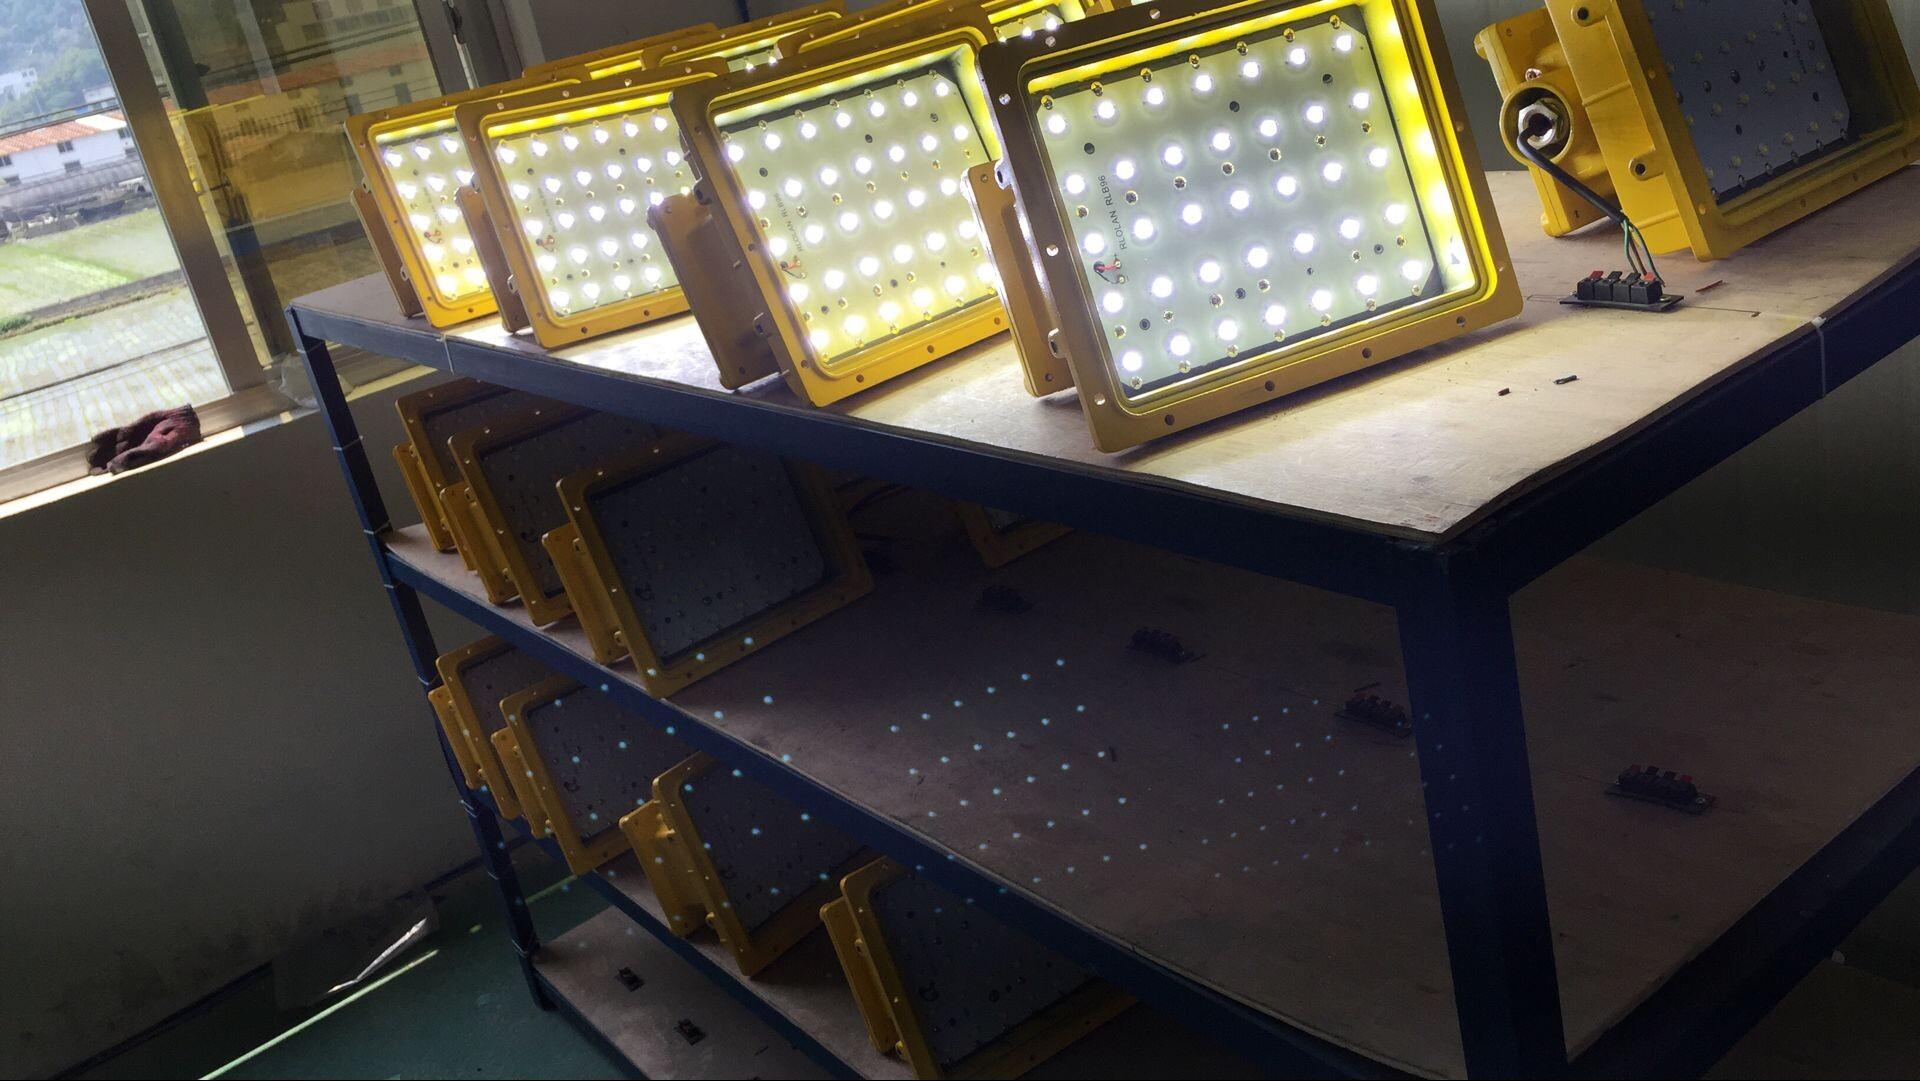 1、亮度 工业照明LED灯亮度是用户最关心的问题,亮度可以从两方面来解释。 亮度:发光体在特定方向单位立体角单位面积内的光通量。单位:cd/。 光通量:发光体每秒钟所发出的光量的总和。单位:流明(Lm),表示发光体发光的多少,发光愈多流明数愈大。 通常LED灯都标有光通量,用户可以根据光通量来判别LED灯的亮度。光通量越高,灯的亮度越高。 现在成熟应用的大功率灯具整灯光效在100-120lm/W,以100W为例,光通量为10000-12000 lm 2、寿命 工业照明灯具的寿命与很多因素有关,光源,电源